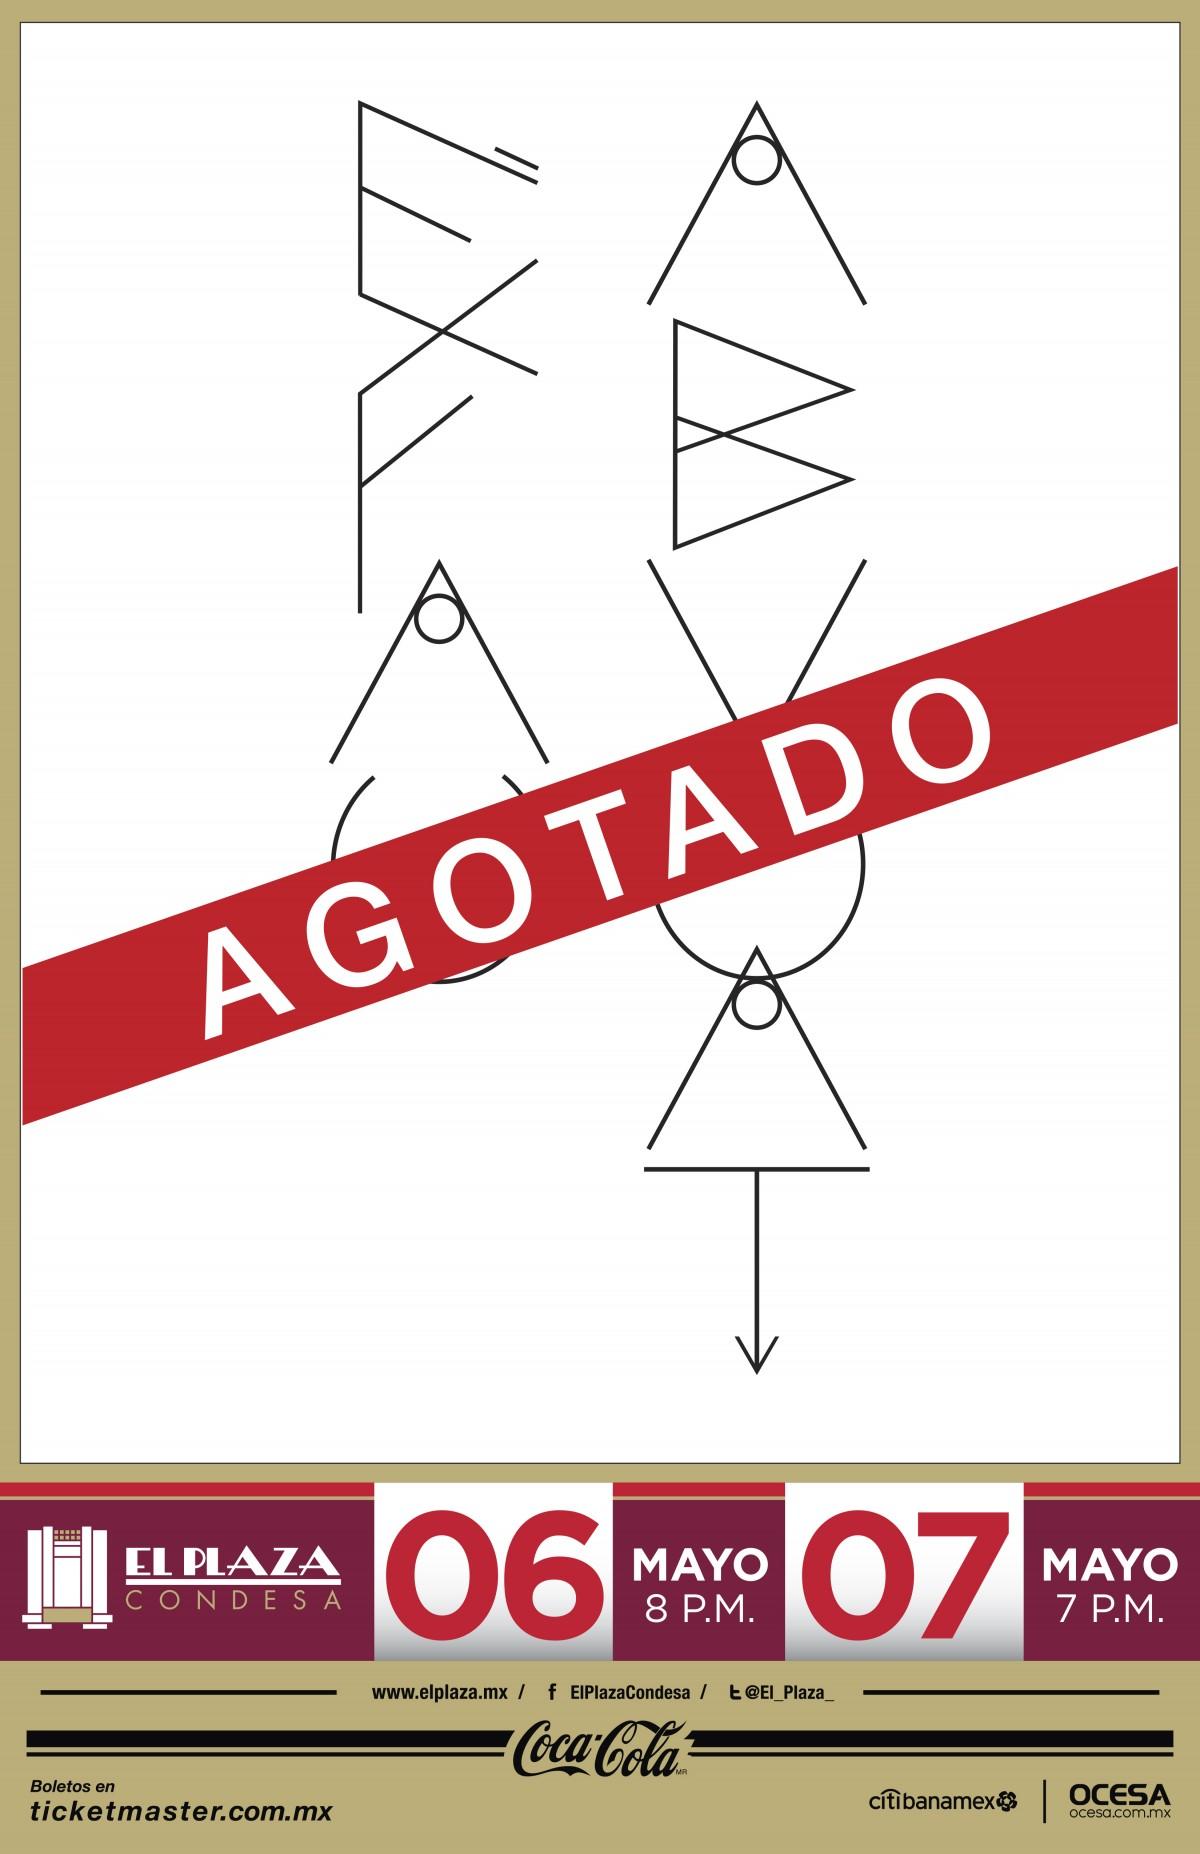 CAFE_TACUBA_OK_AGOTADO